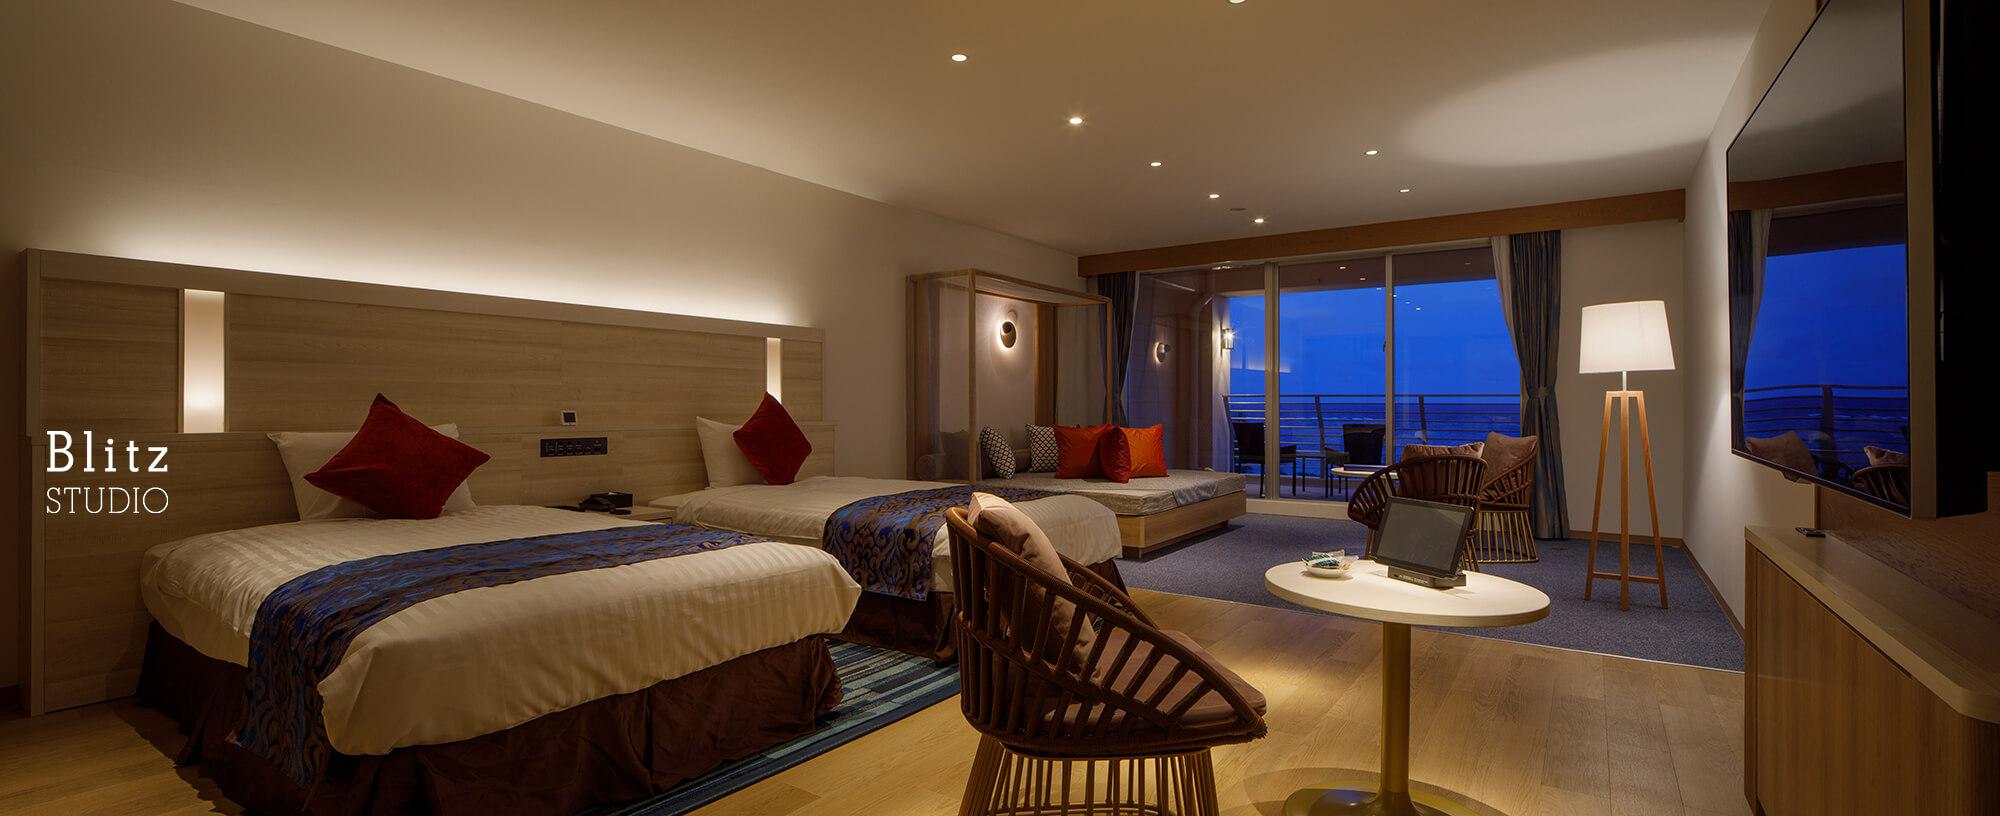 『ホテル ブリーズベイ マリーナ』建築写真・竣工写真・インテリア写真11